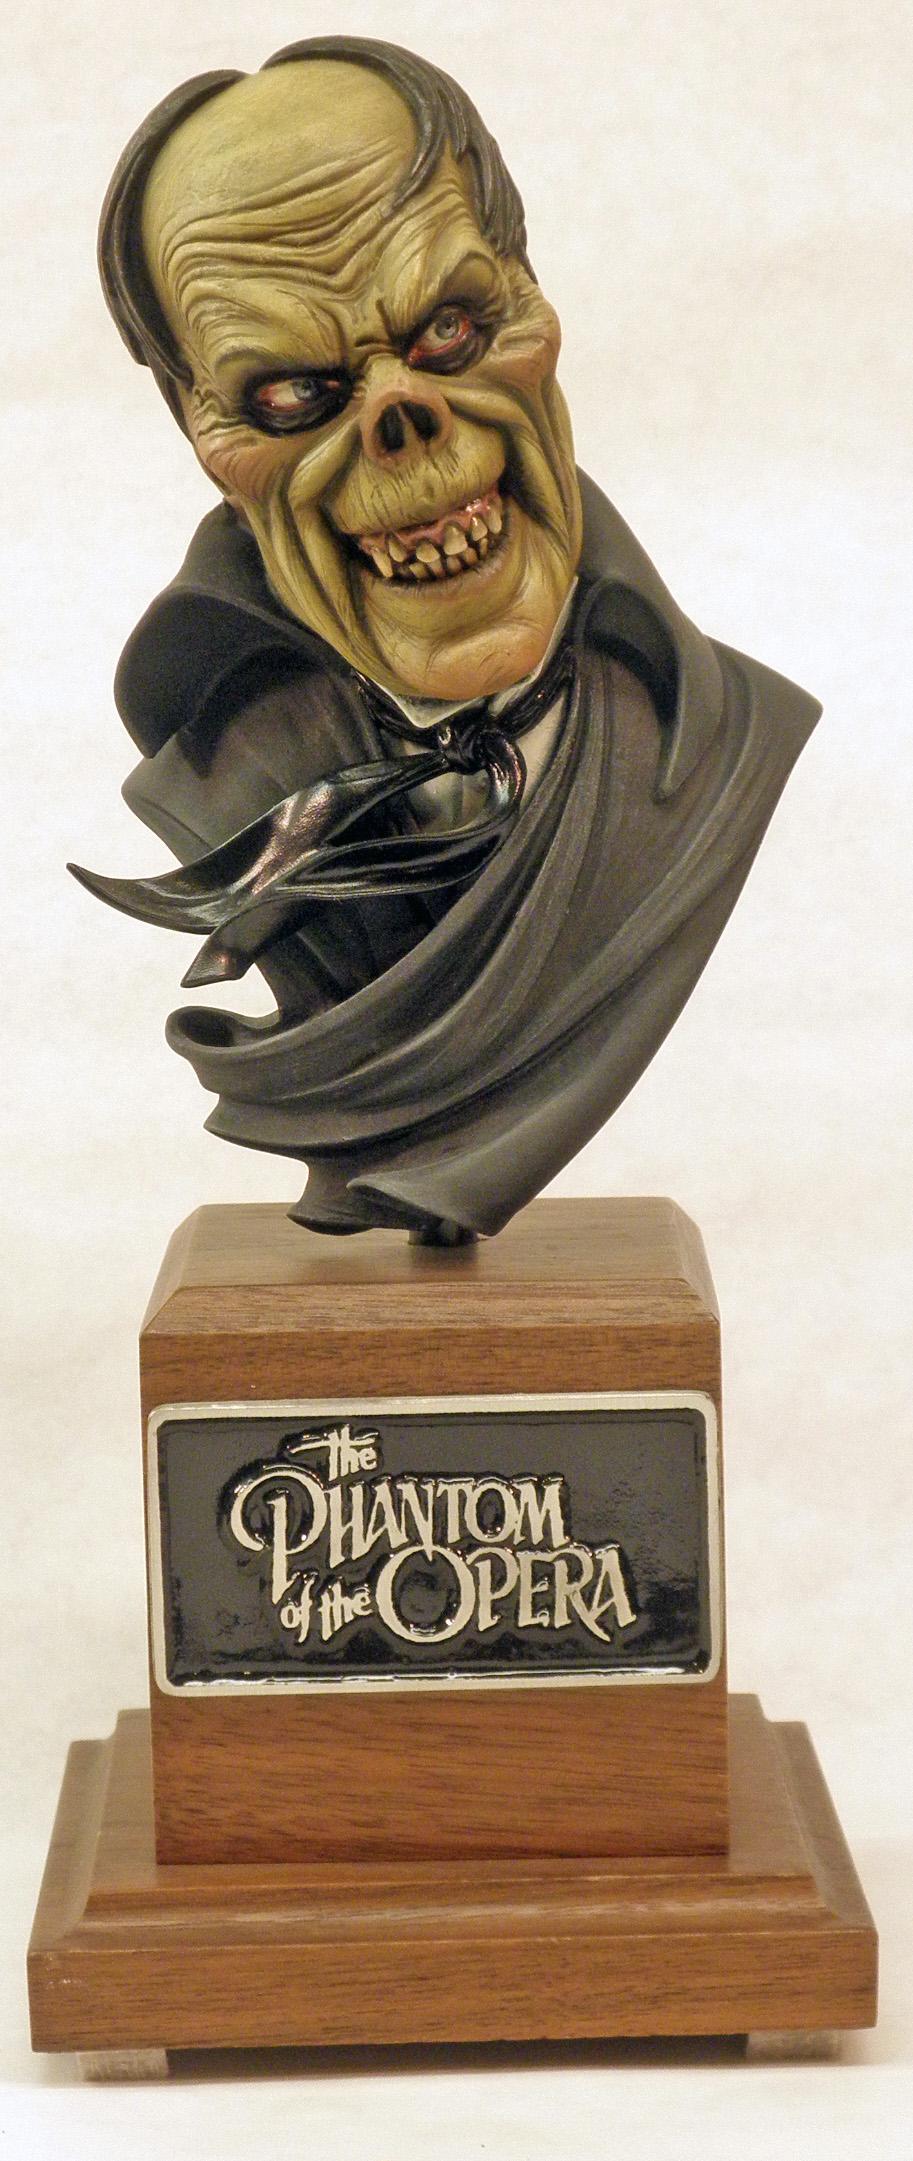 The Phantom of the Opera_Full